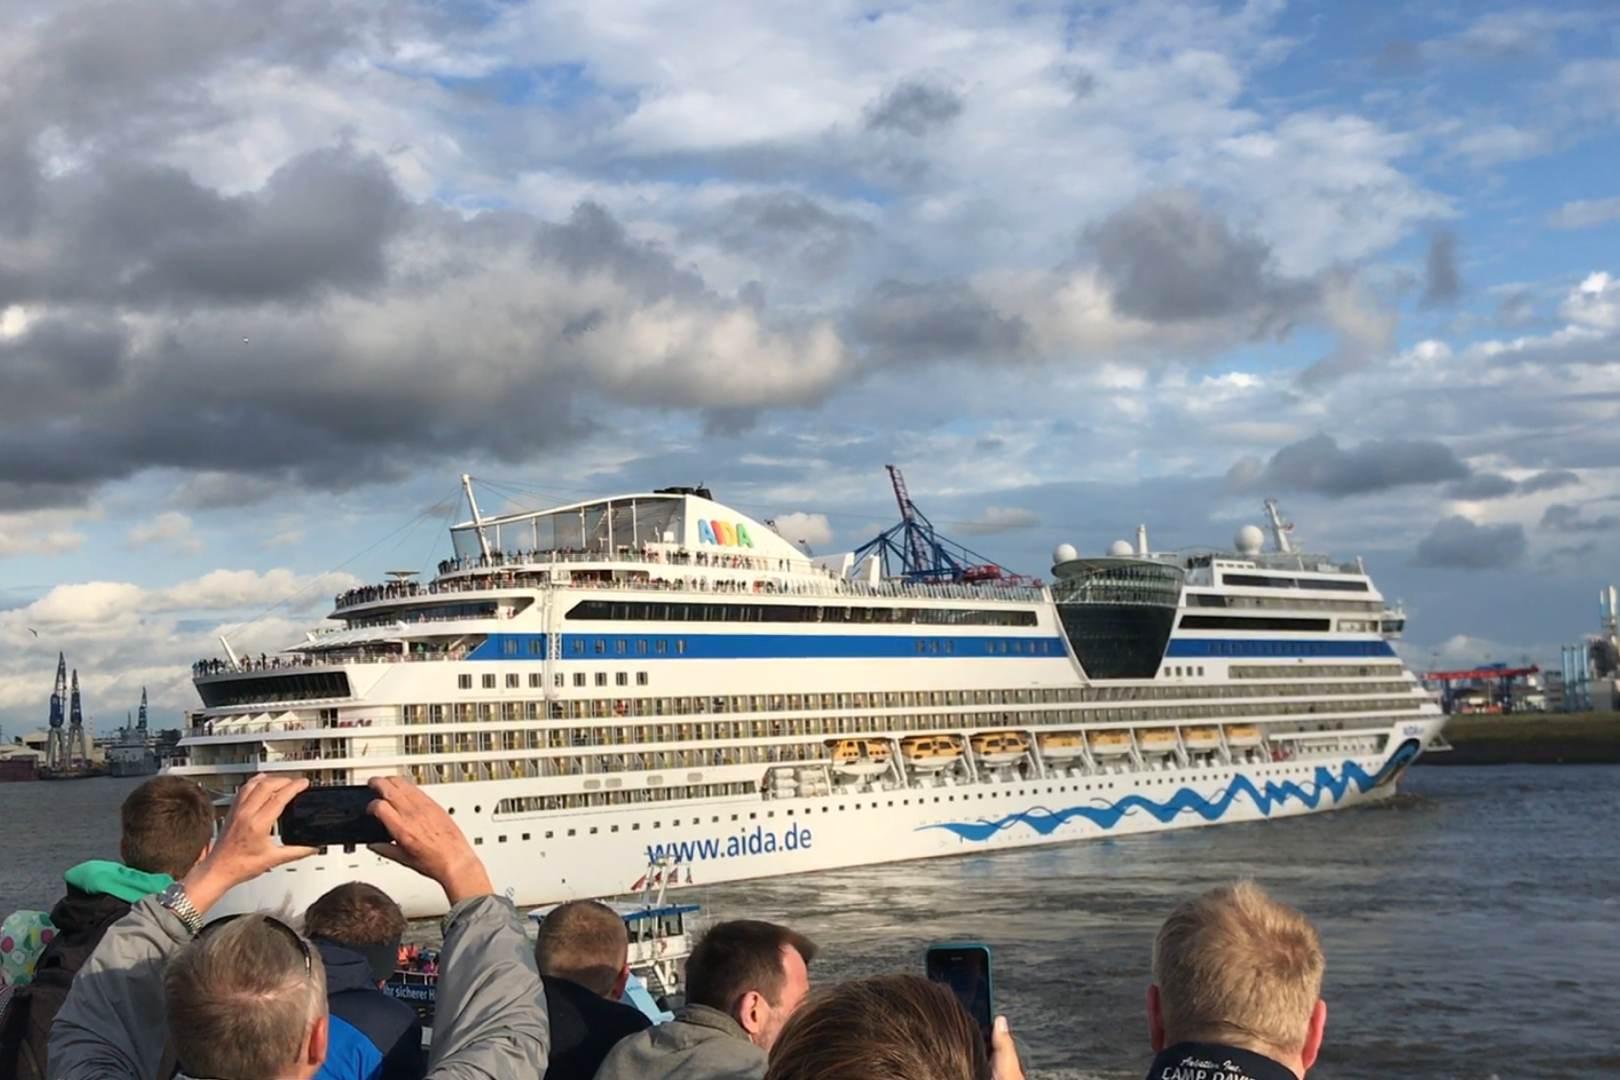 Hamburg_Hafen_Aida_wendet